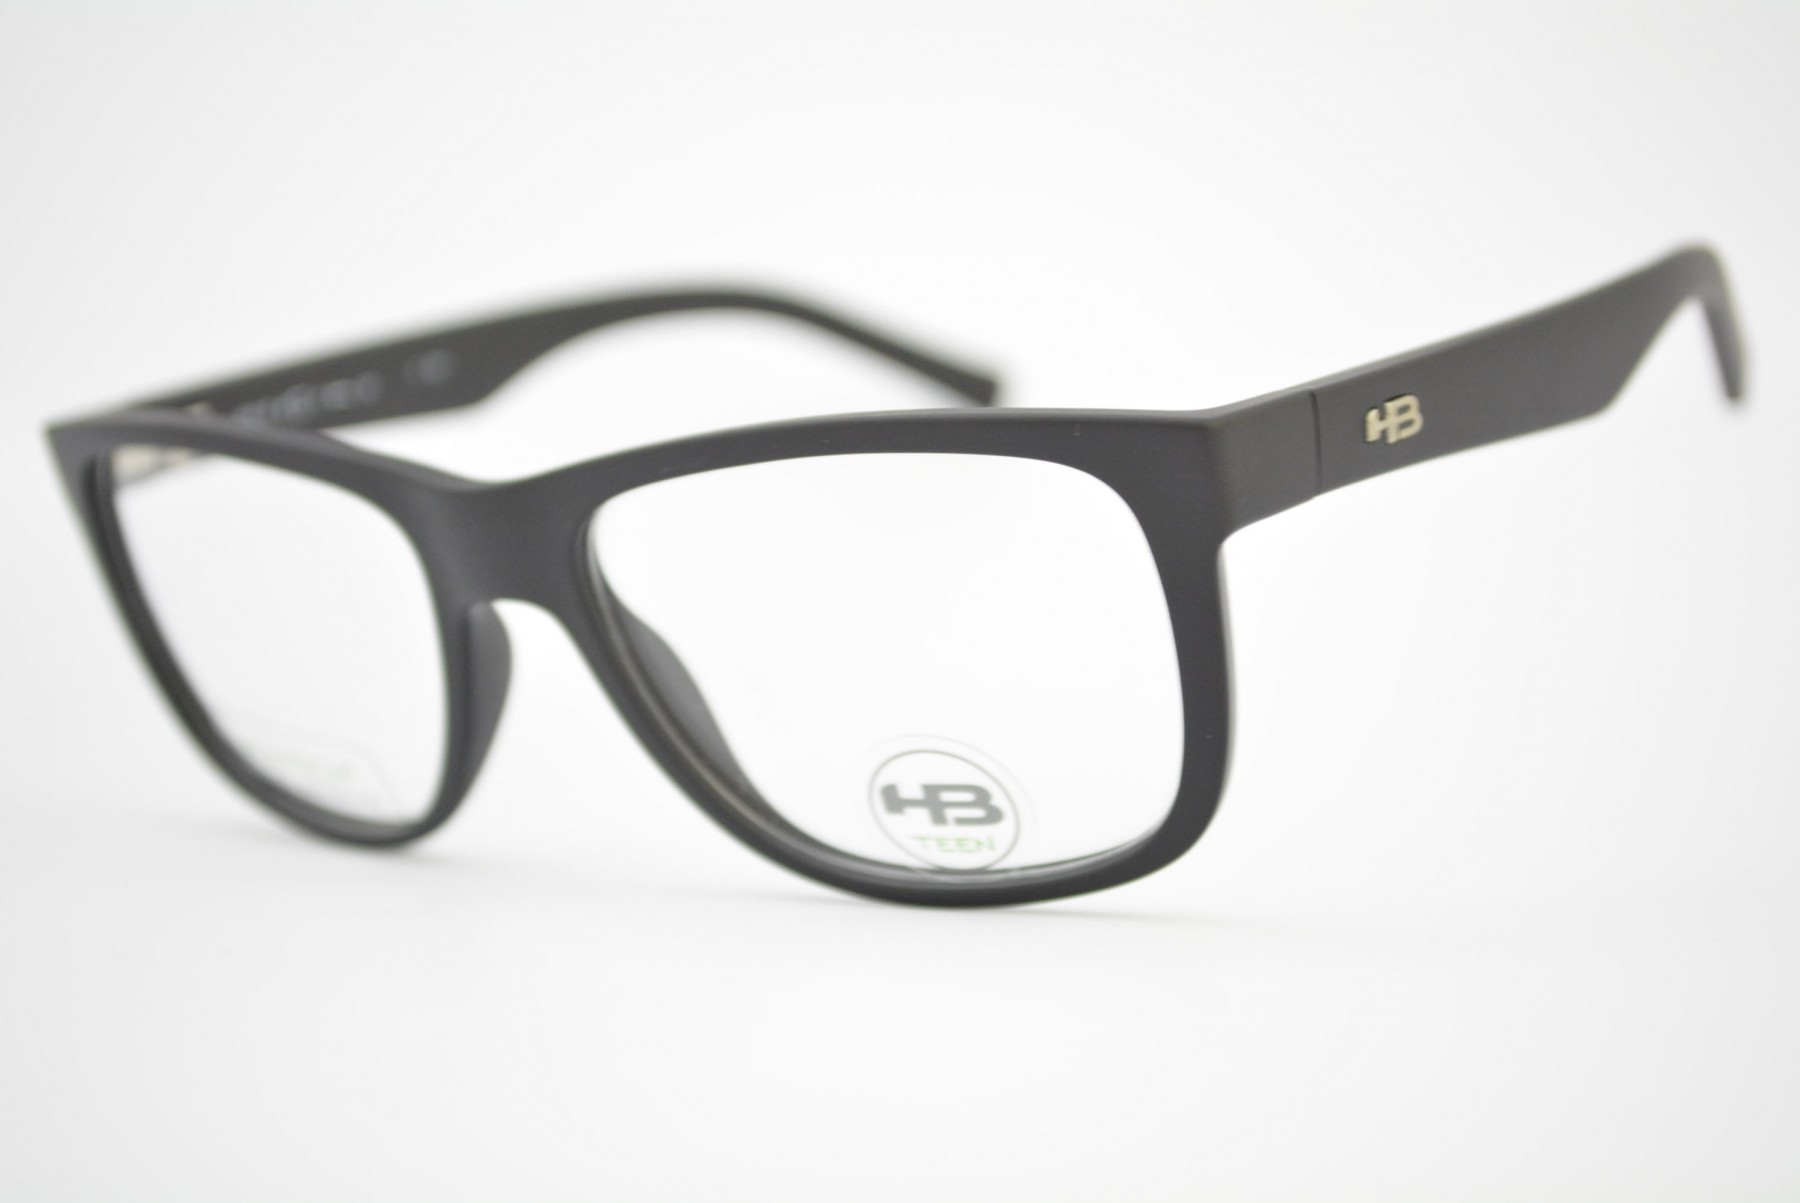 armação de óculos HB Teen mod m93132 c001. Código  m93132 c001 fdc2396064